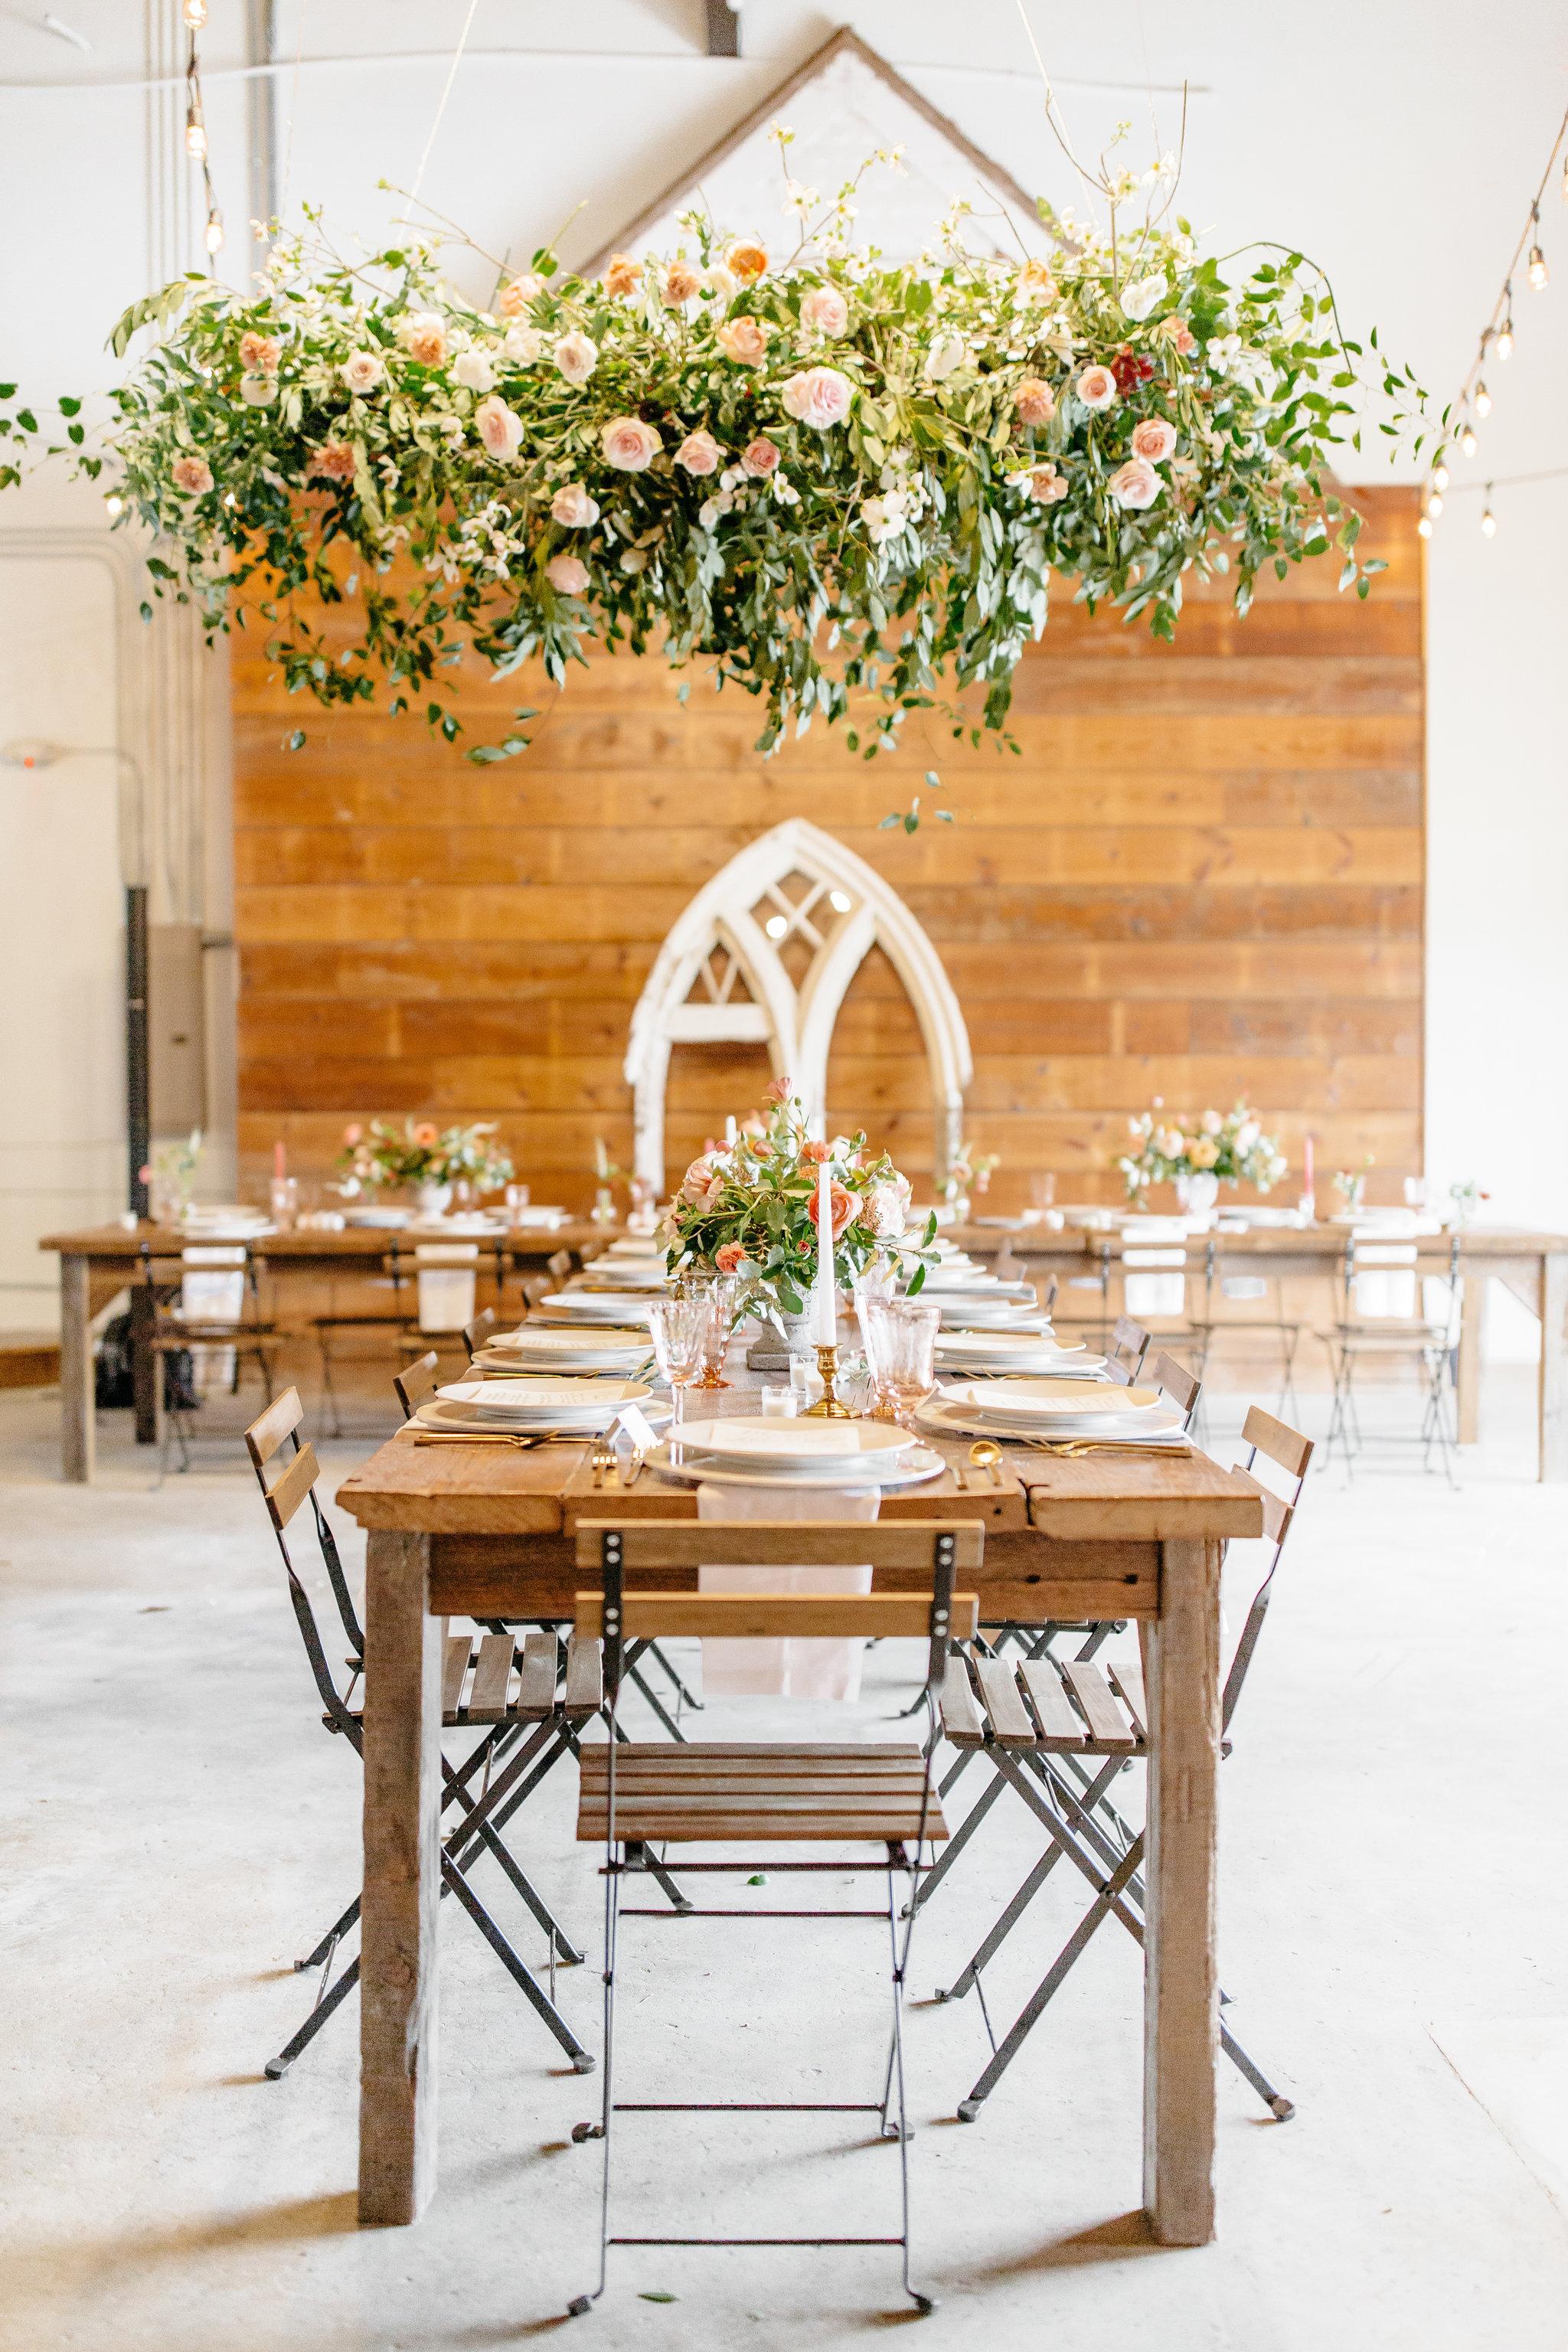 Alexa-Vossler-Photo_Dallas-Wedding-Photographer_Photoshoot-at-the-Station-McKinney_Empower-Event-79.jpg